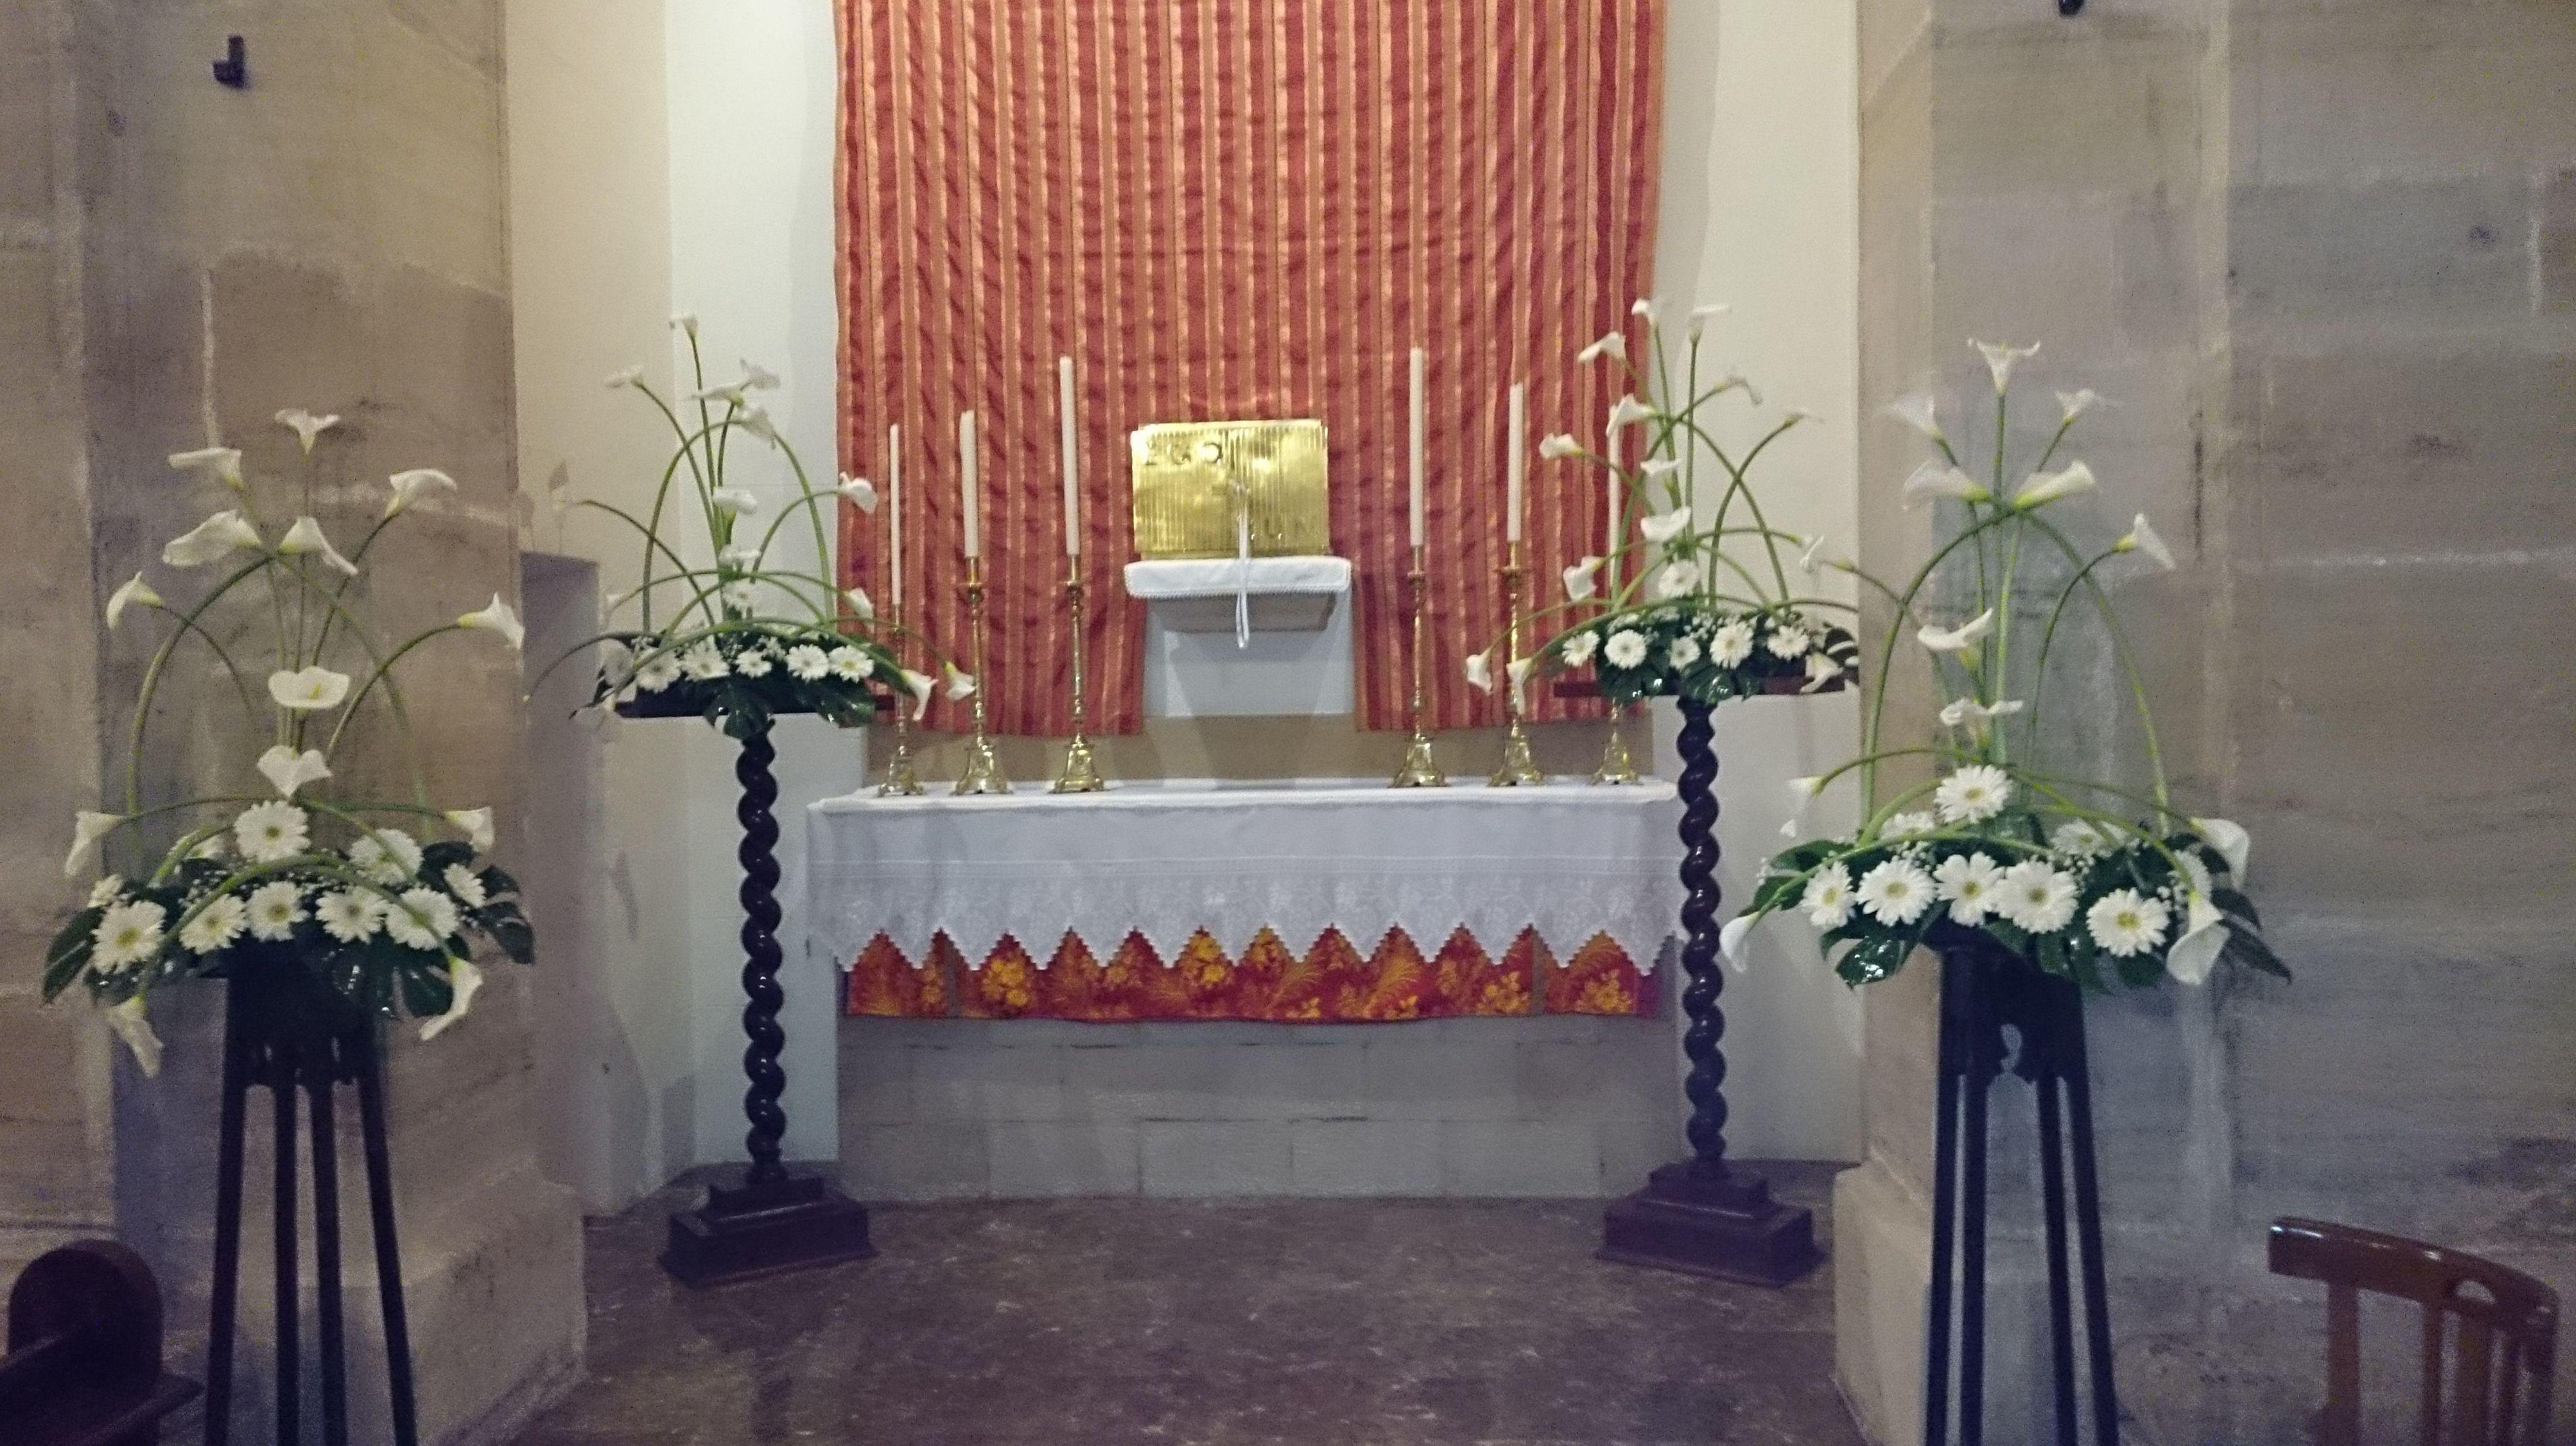 centros ceremonias.